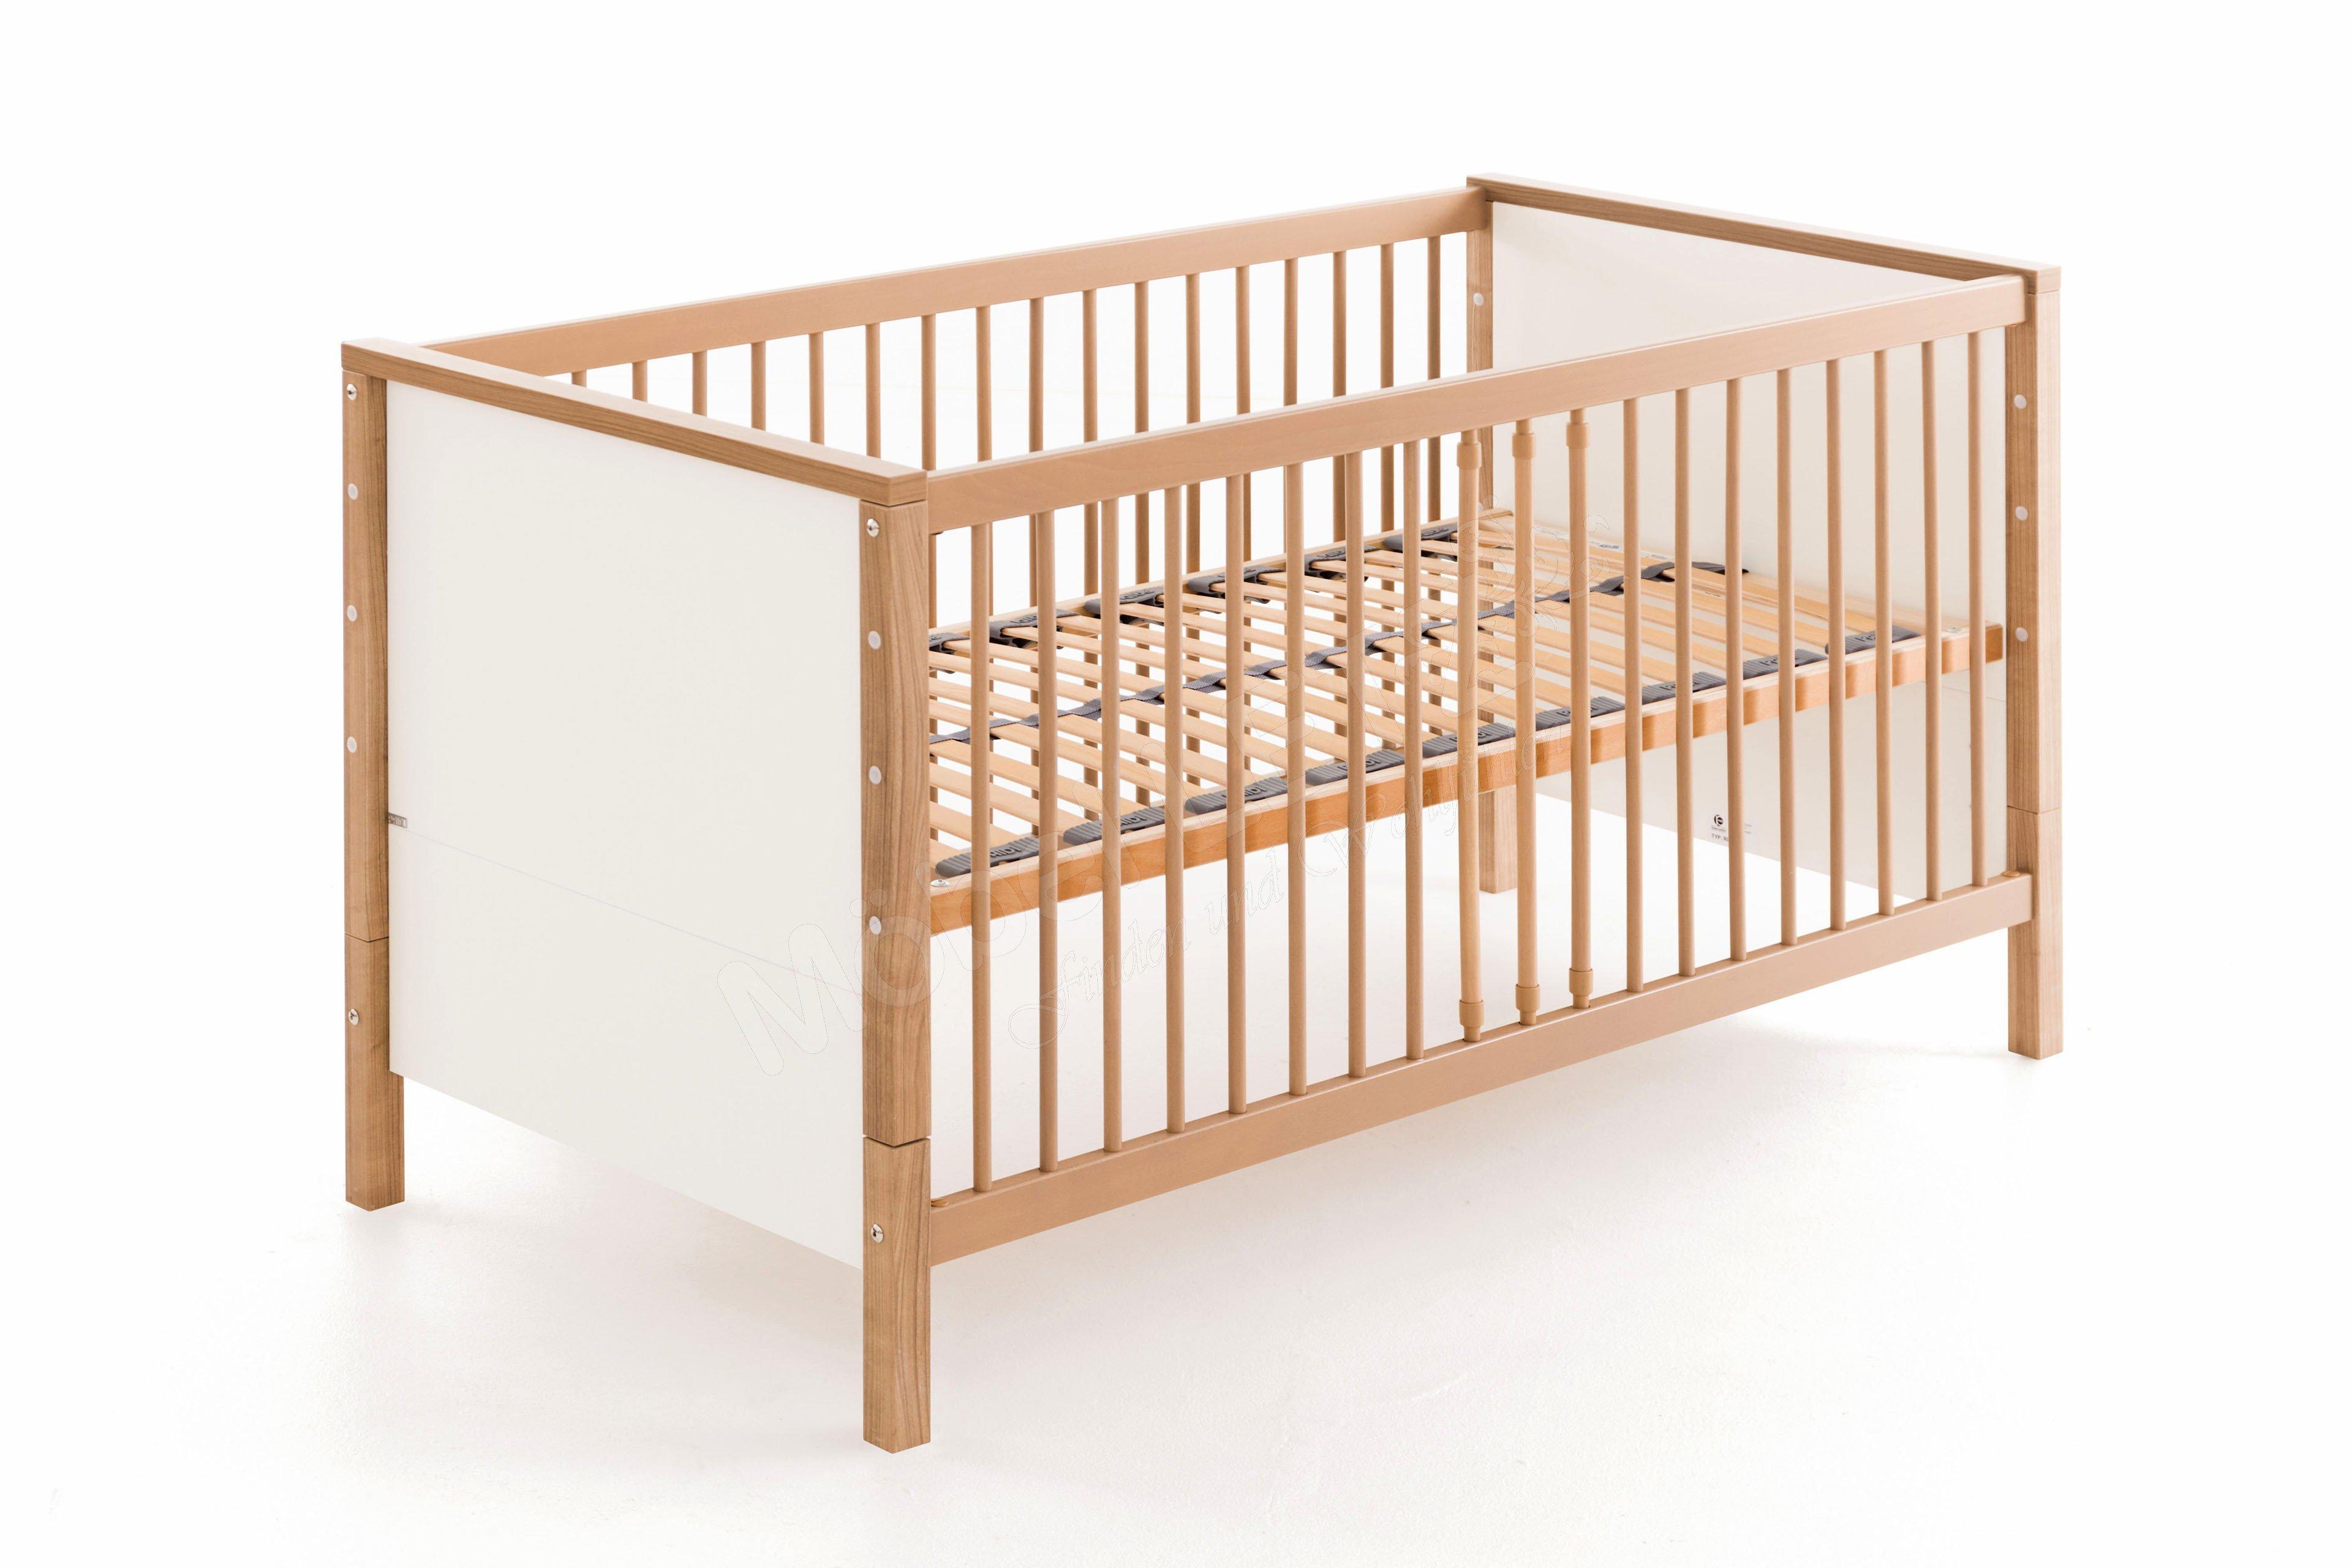 paidi leo babyett mit zus tzlichen bettseiten m bel letz ihr online shop. Black Bedroom Furniture Sets. Home Design Ideas